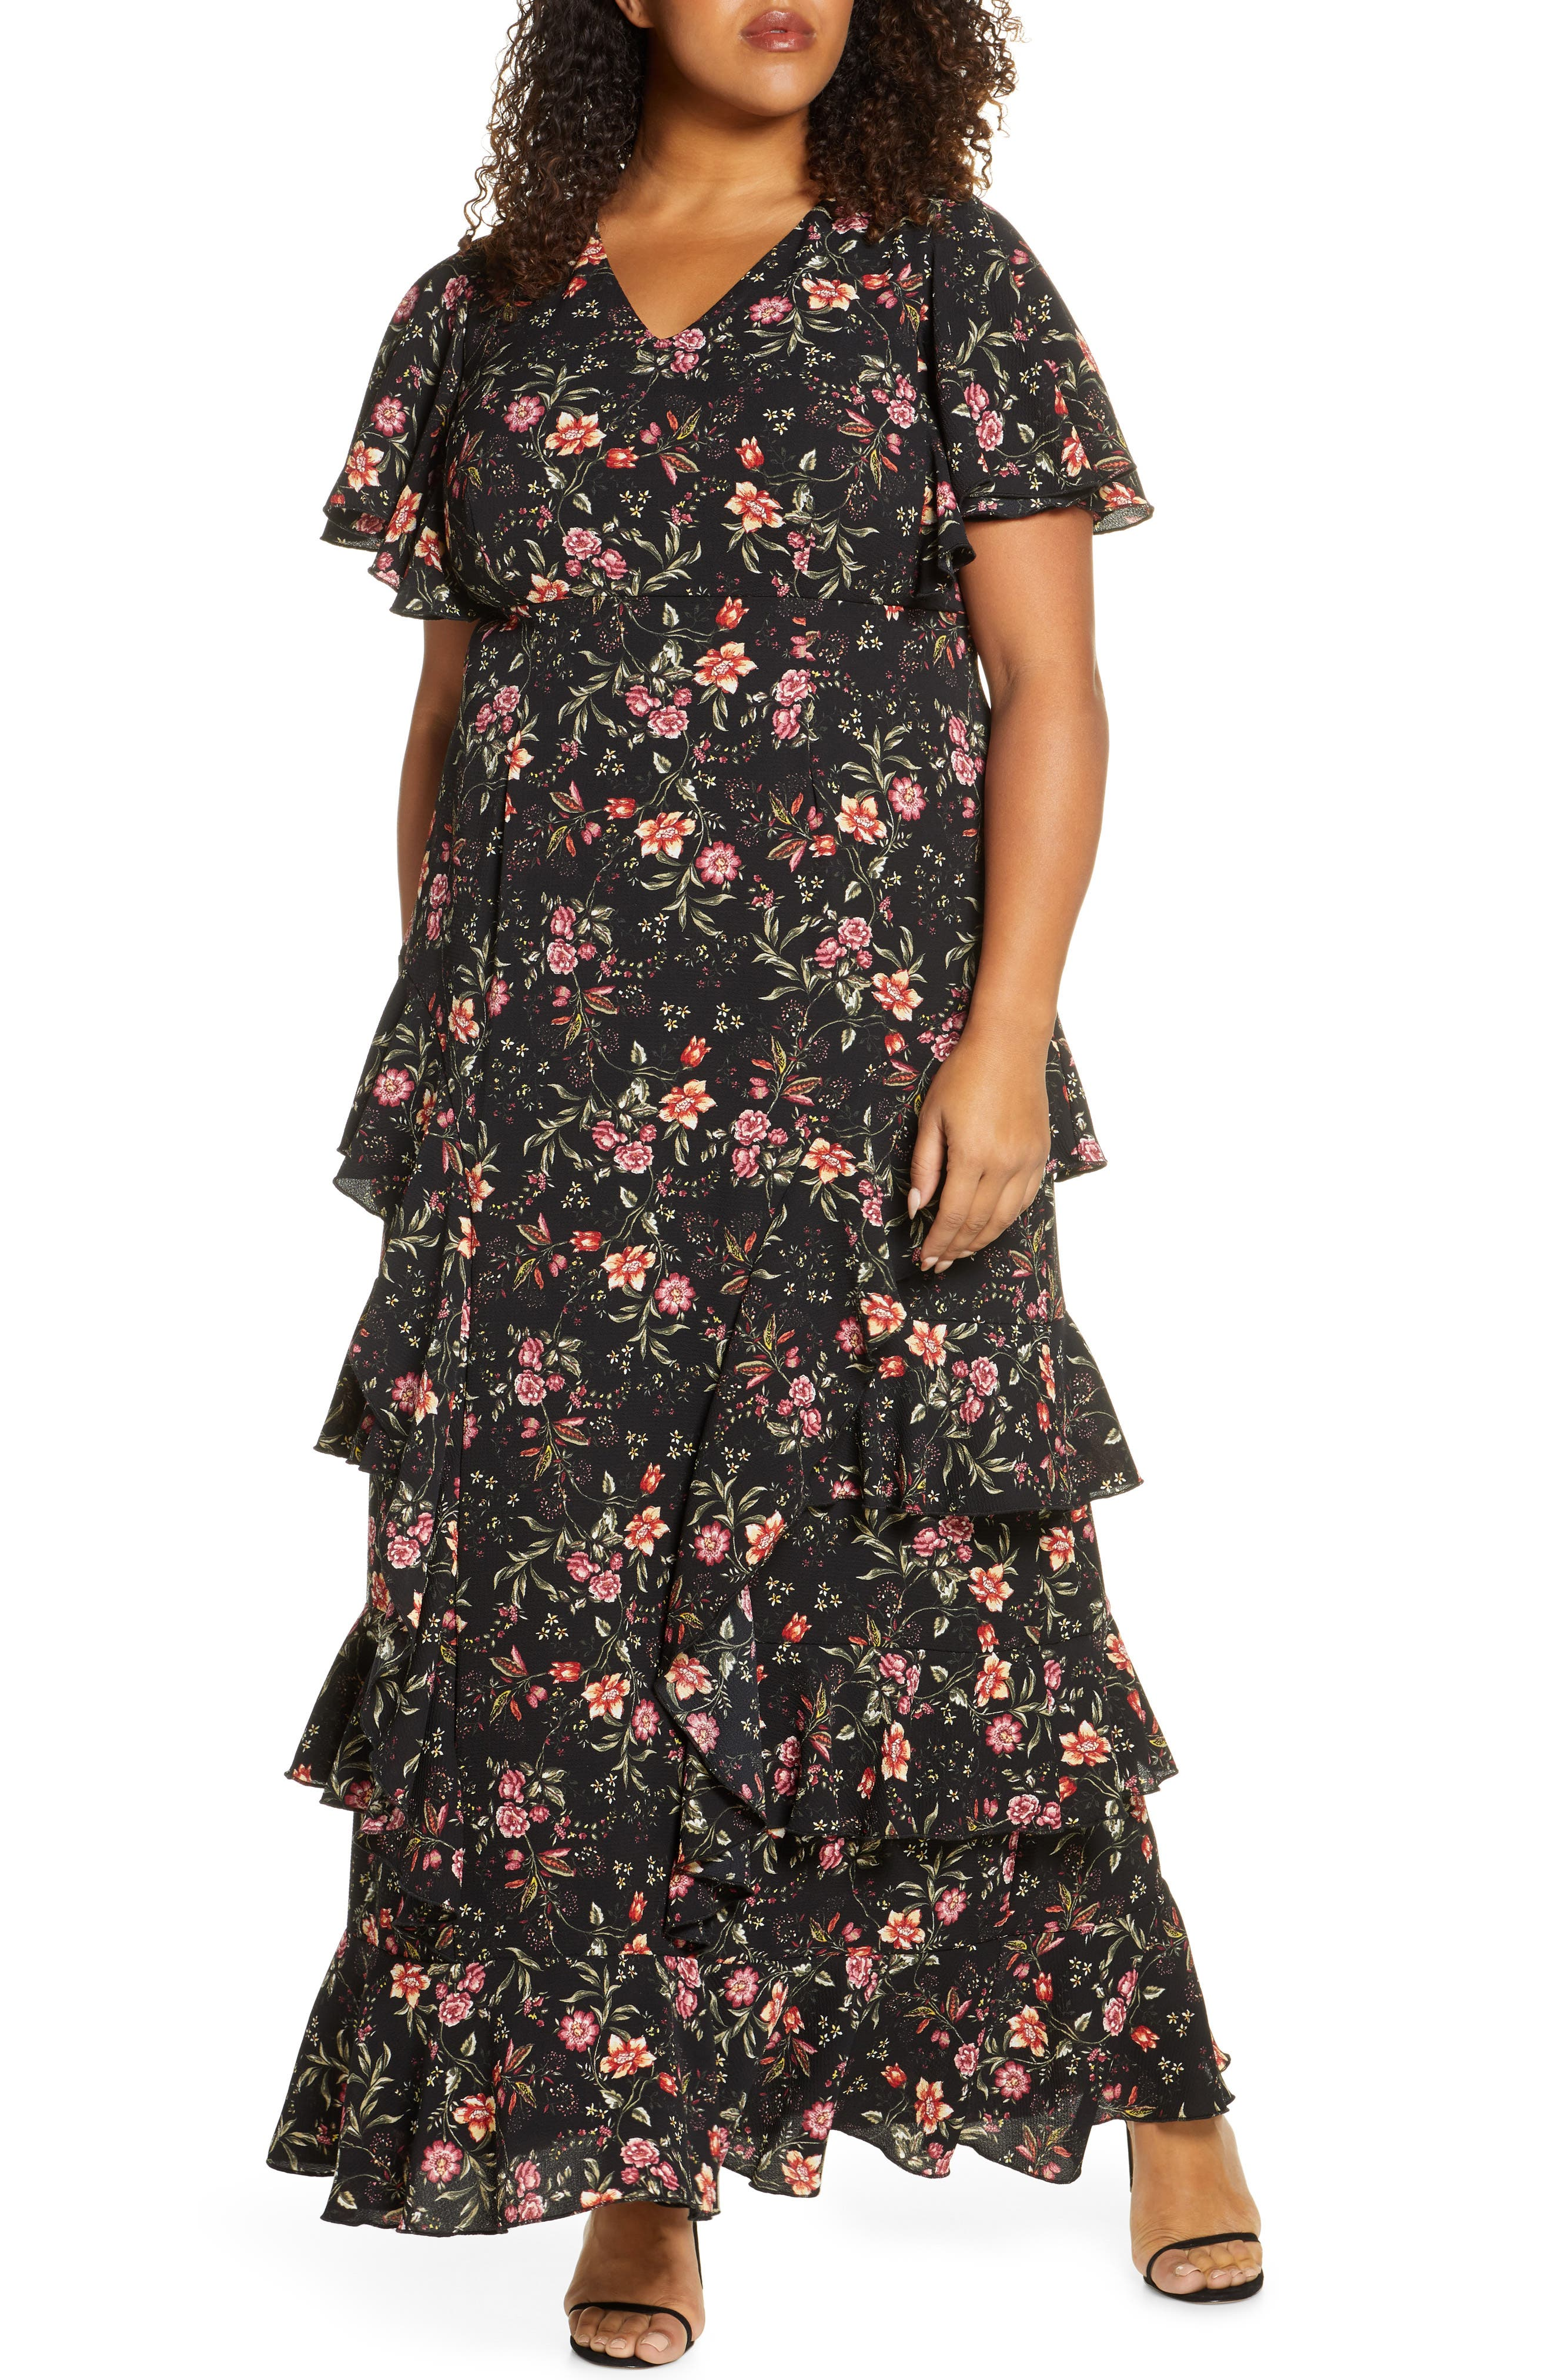 1930s Art Deco Plus Size Dresses | Tea Dresses, Party Dresses Plus Size Womens Kiyonna Tour De Flounce Tiered Maxi Dress $288.00 AT vintagedancer.com